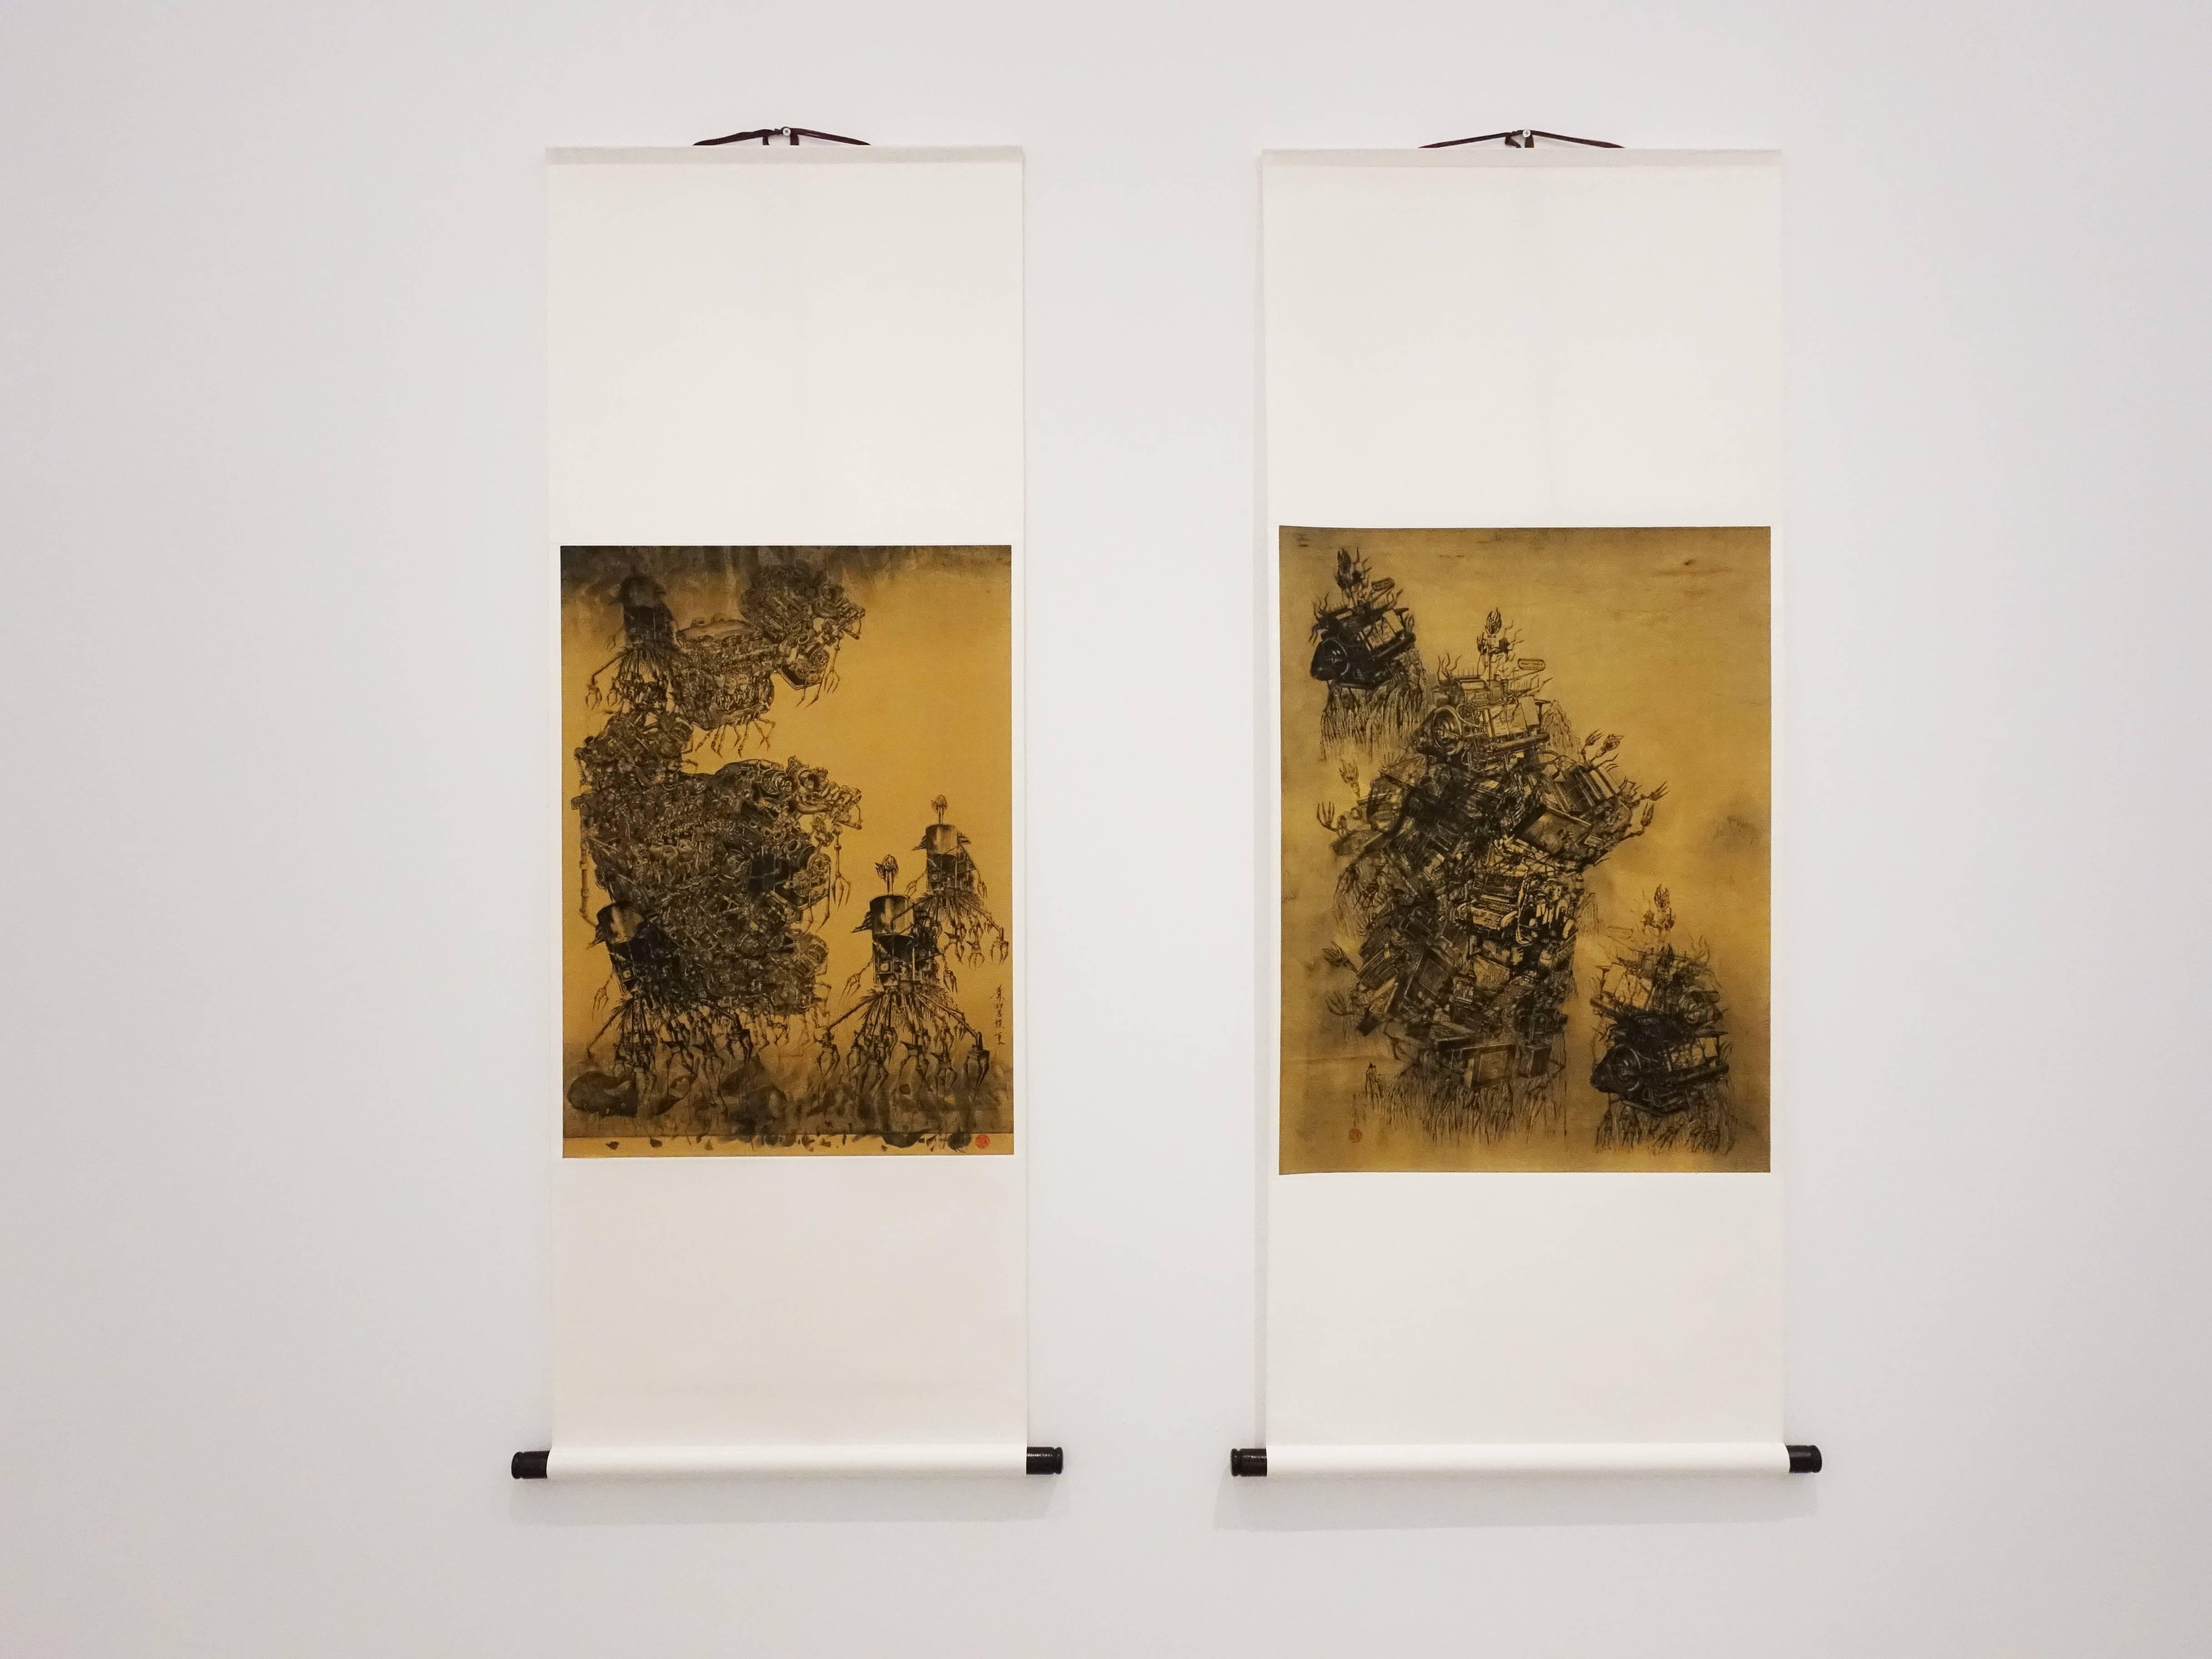 葉慧琪,《機械山水-矗立》,53 x 69.5 cm,綜合媒材、絹布(右)。葉慧琪,《機械山水-枯岩》,48.5 x 66 cm,綜合媒材、絹布(左)。